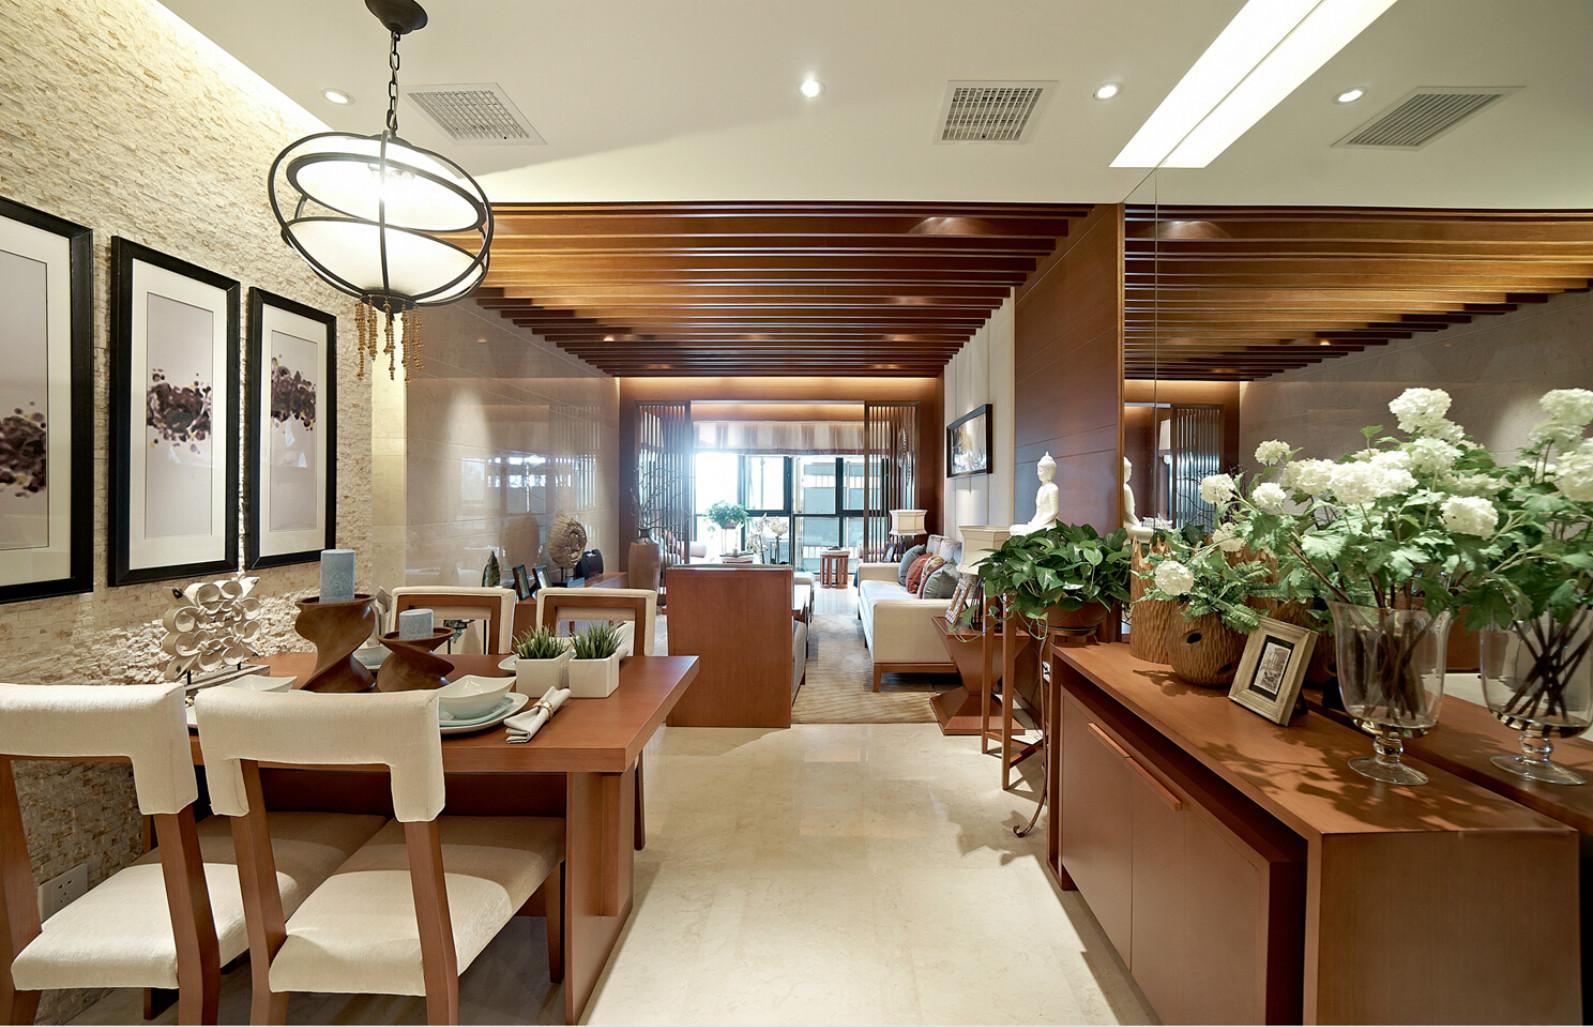 餐厅自然紧密融合的特性,就决定了木材的重要性。